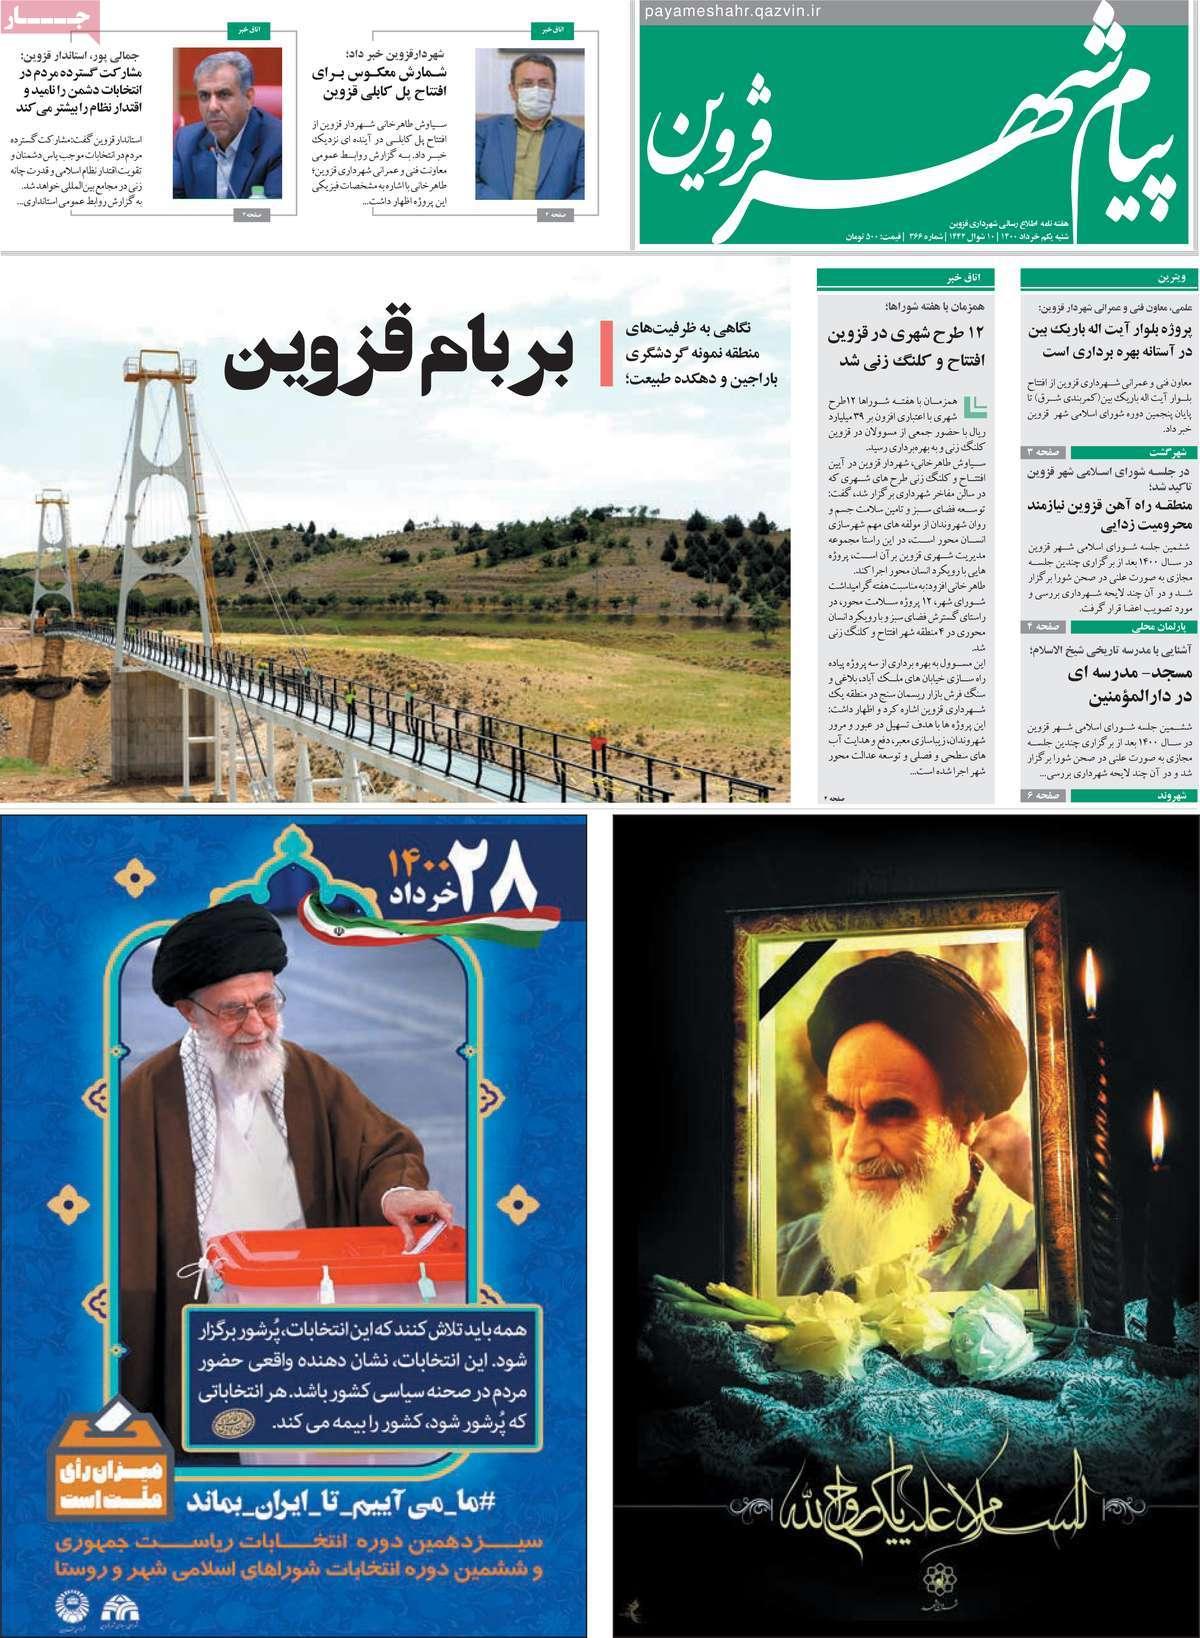 مجله پیام شهر قزوین